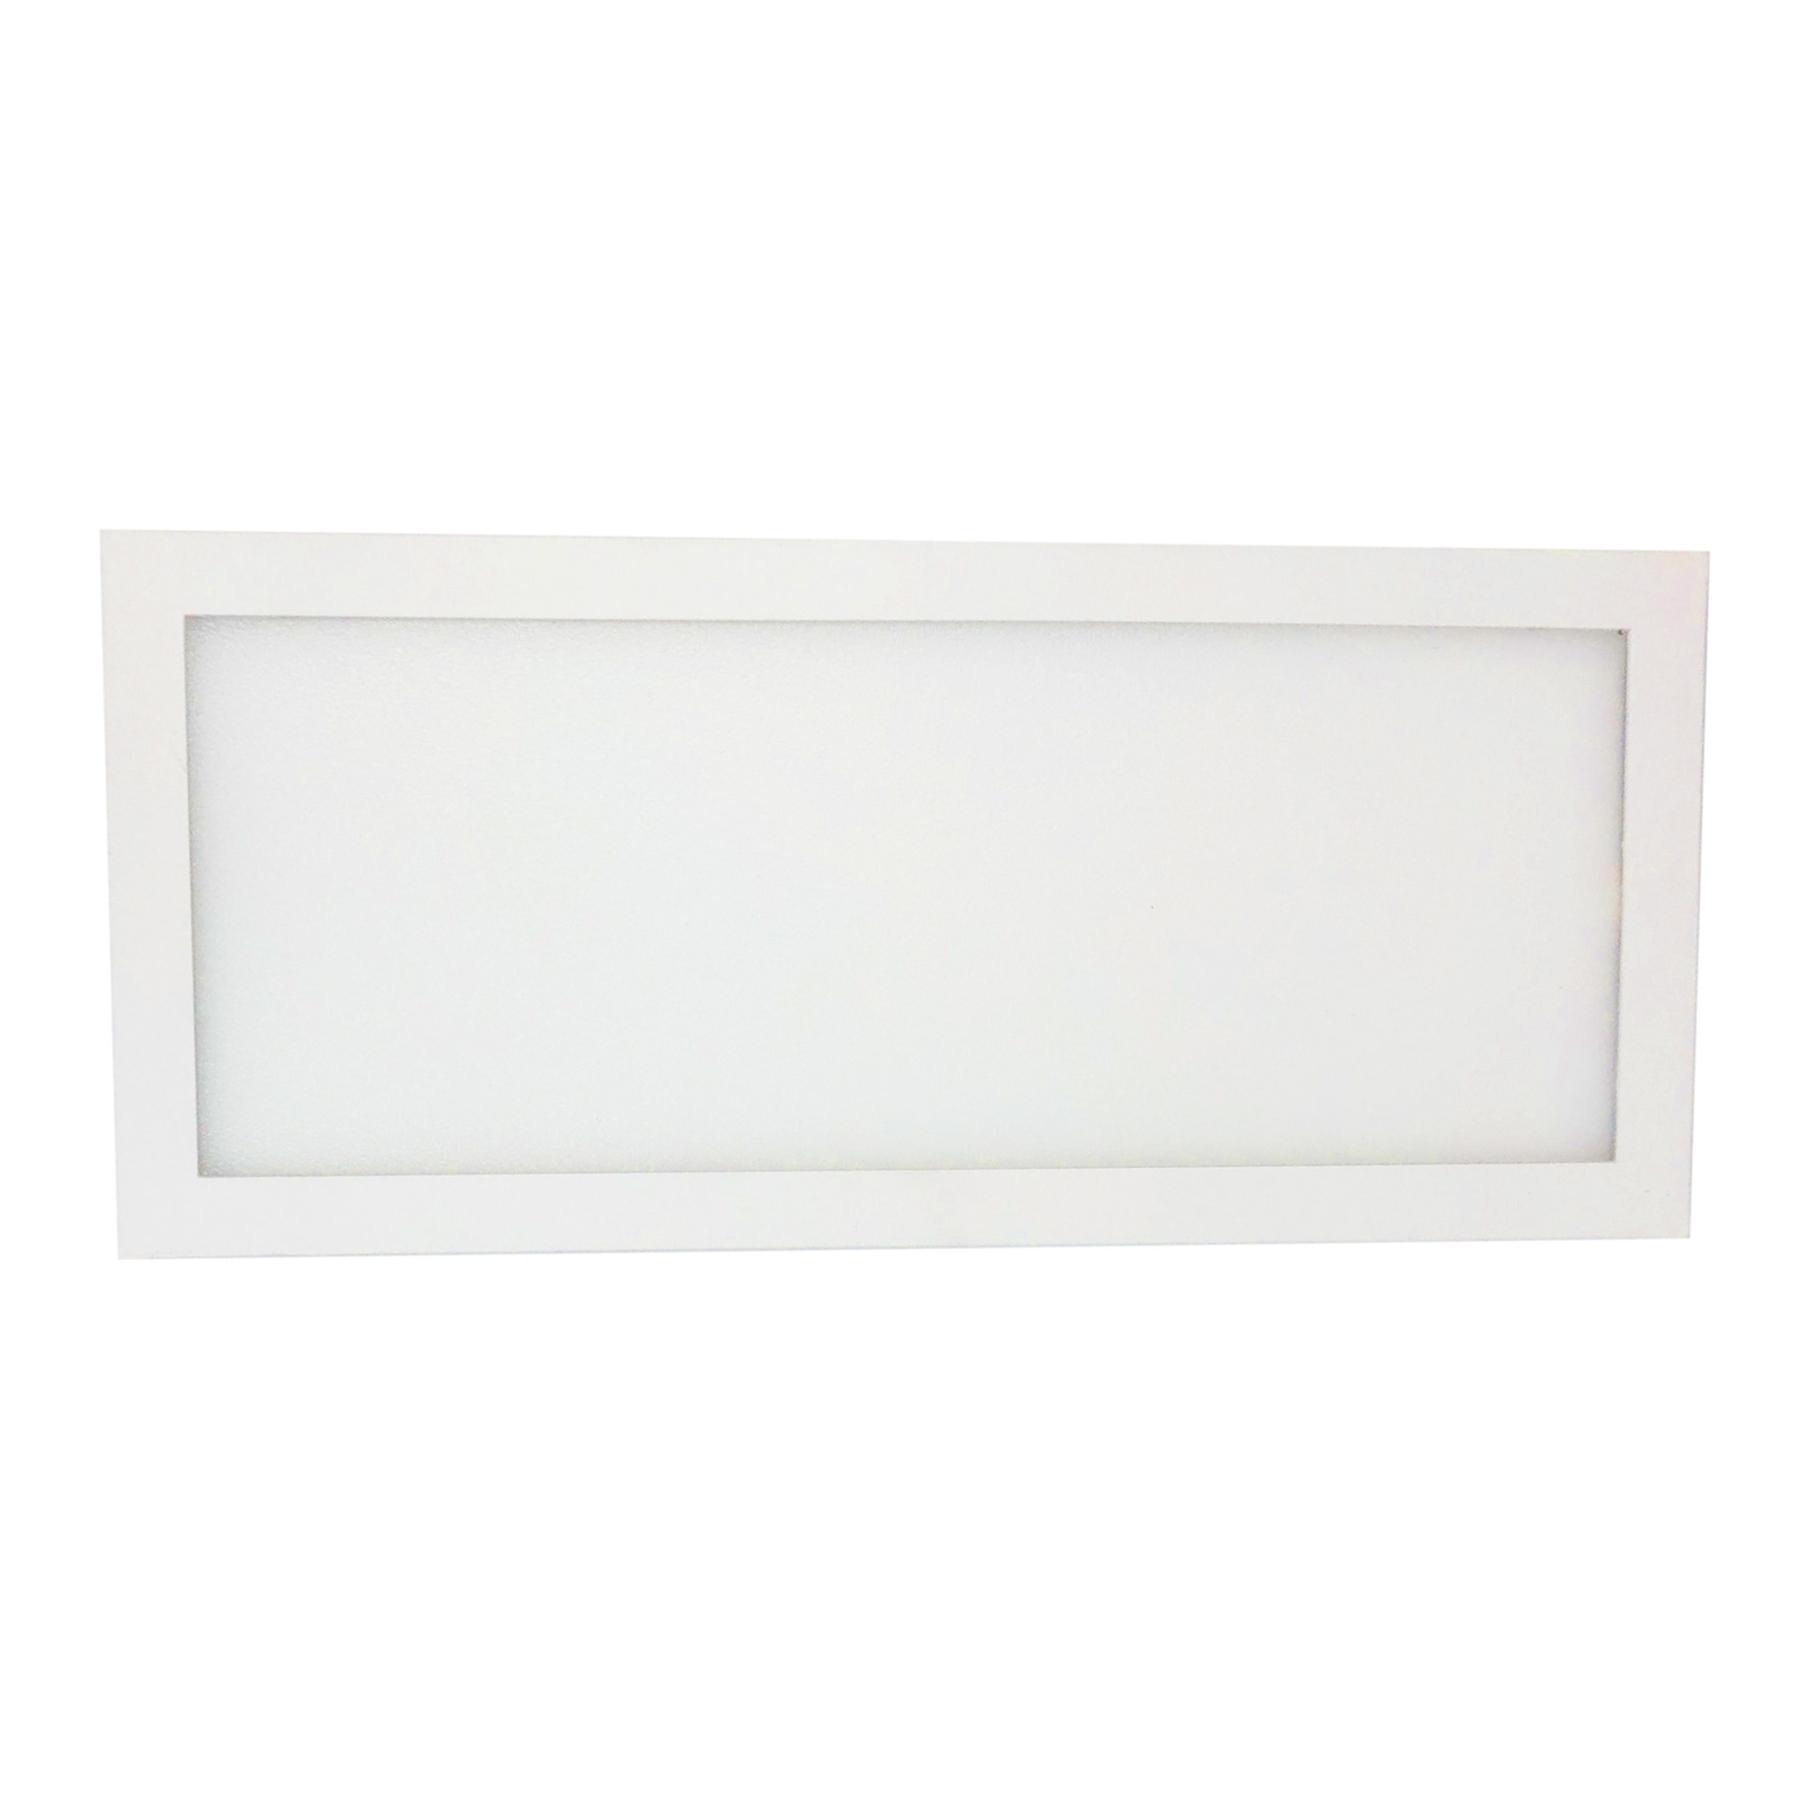 Lampada LED da mobili Unta Slim 5W, bianca